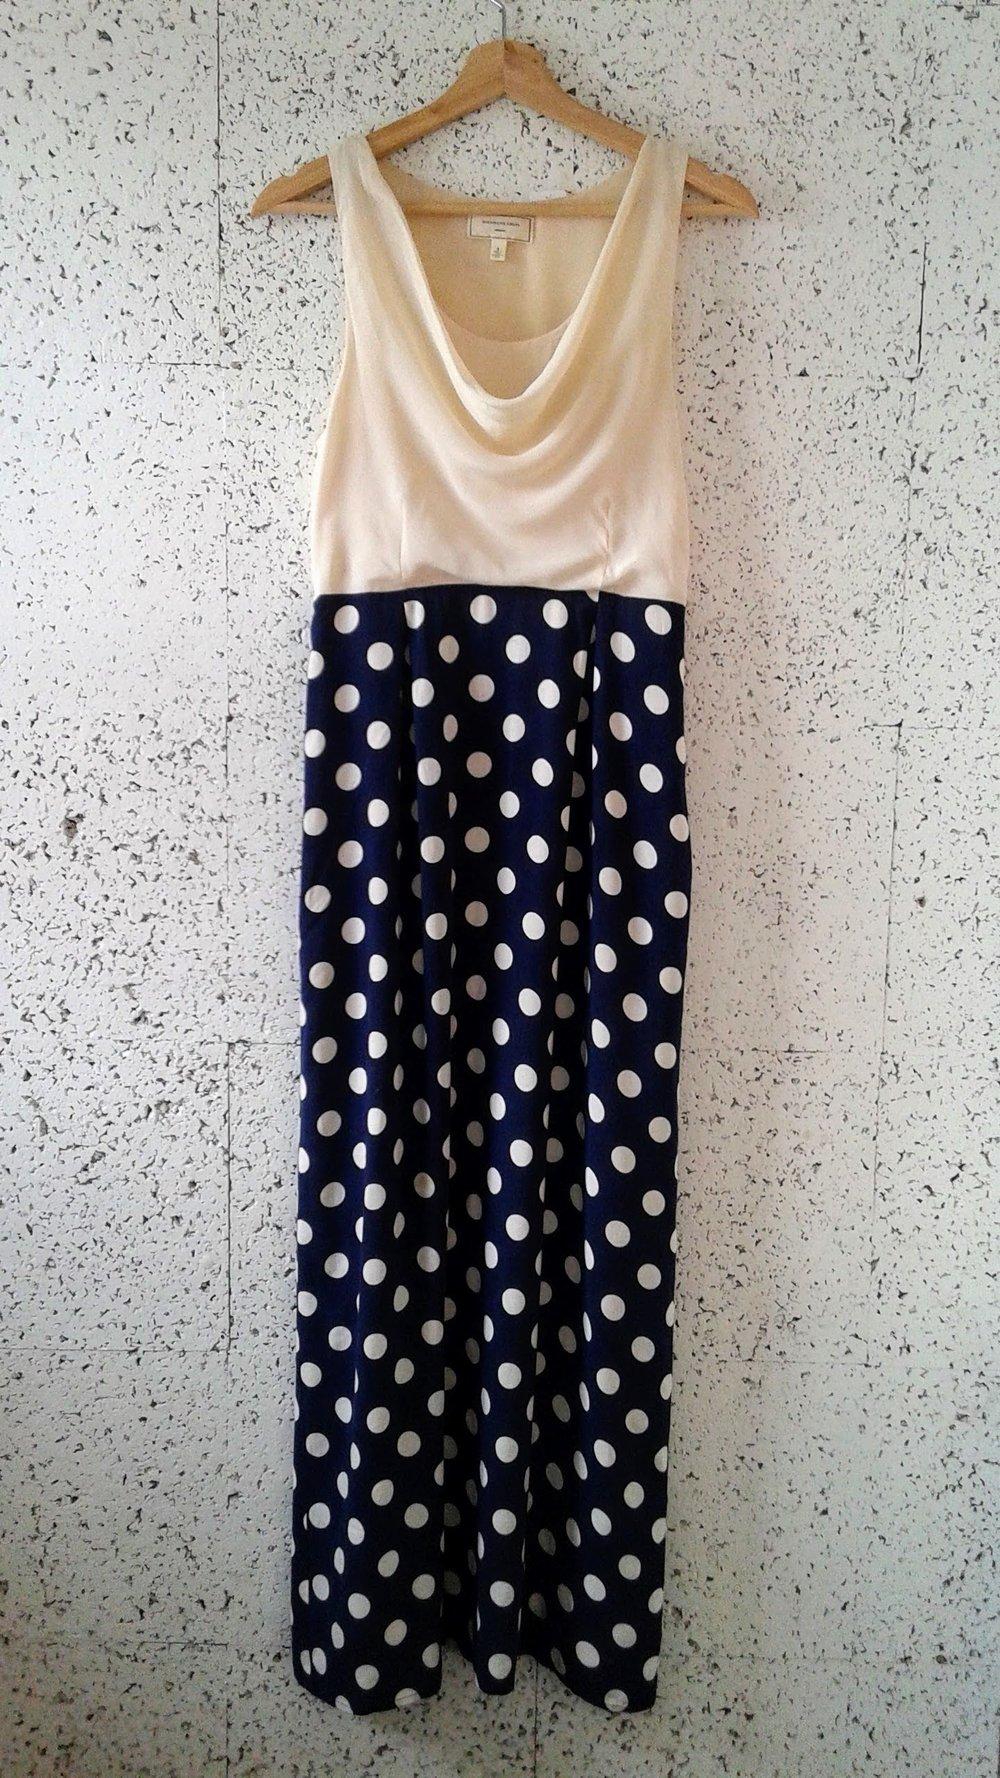 Moulinette Soeurs  dress; Size 4, $58